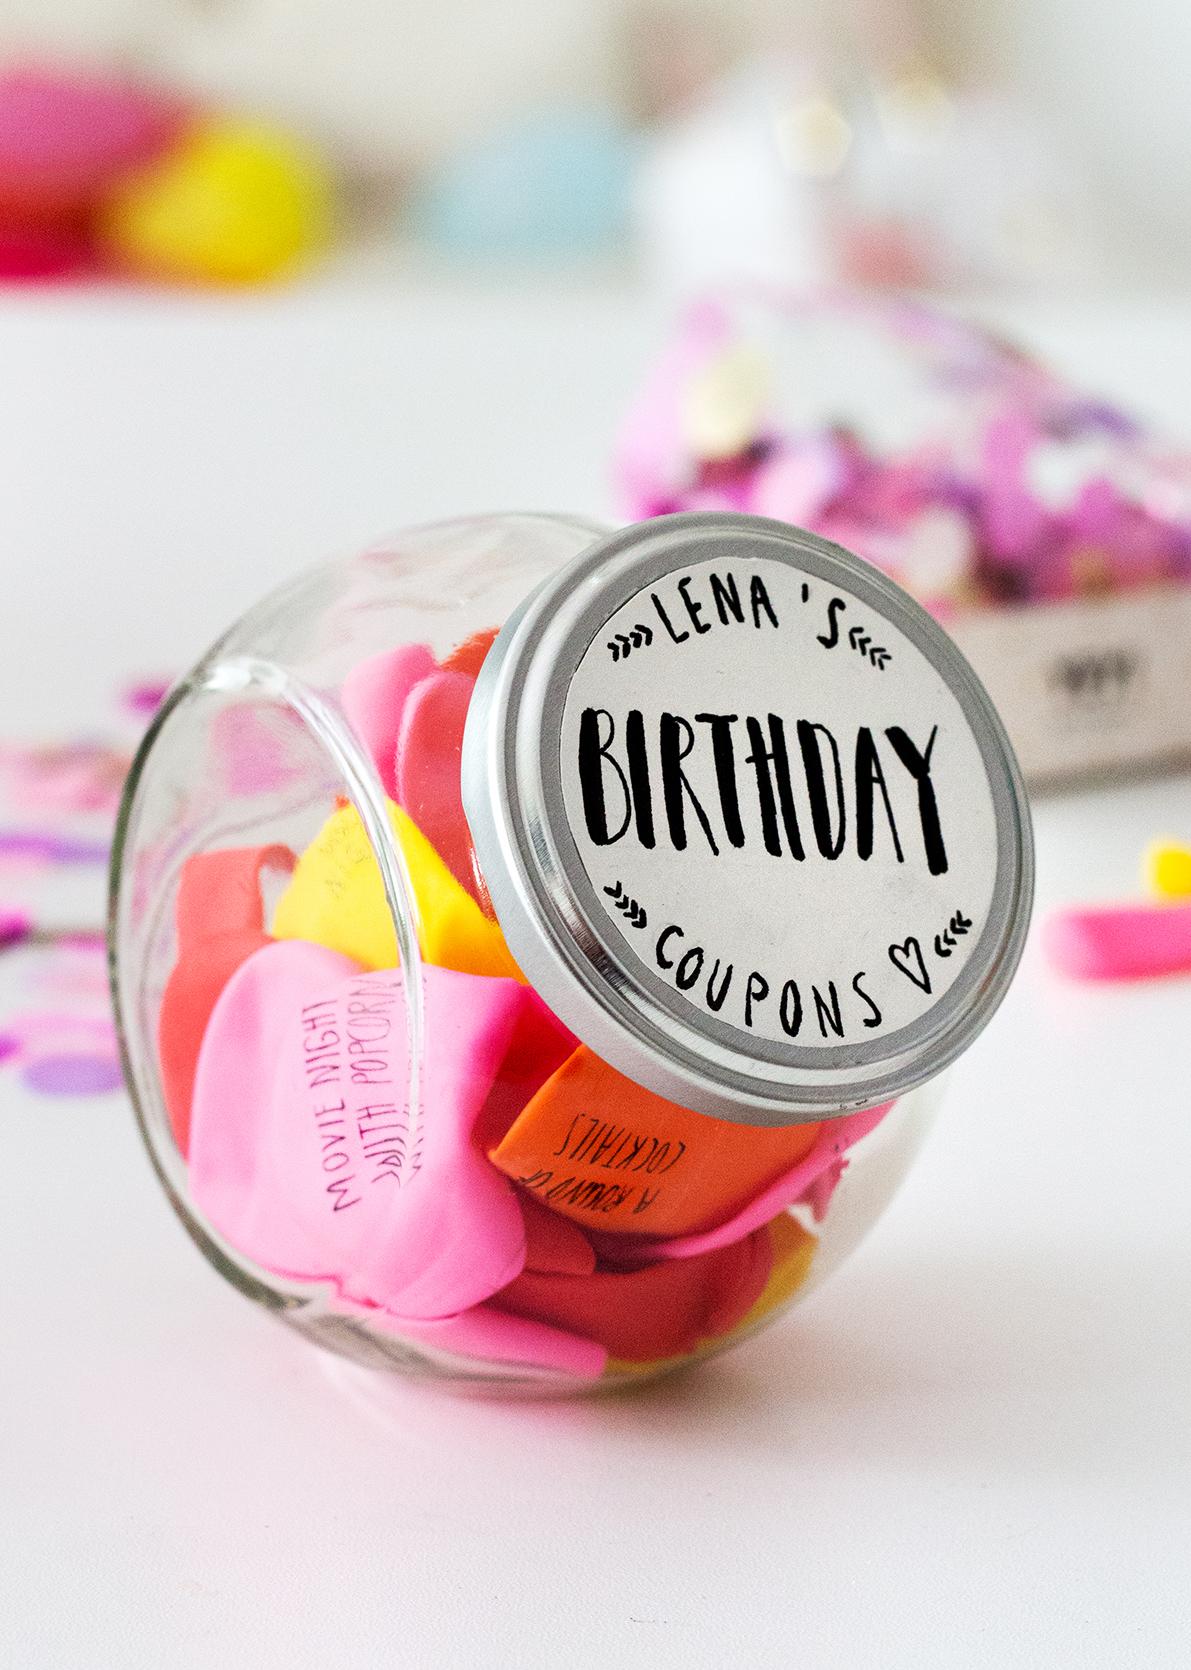 Geburtstagsgeschenke selber machen